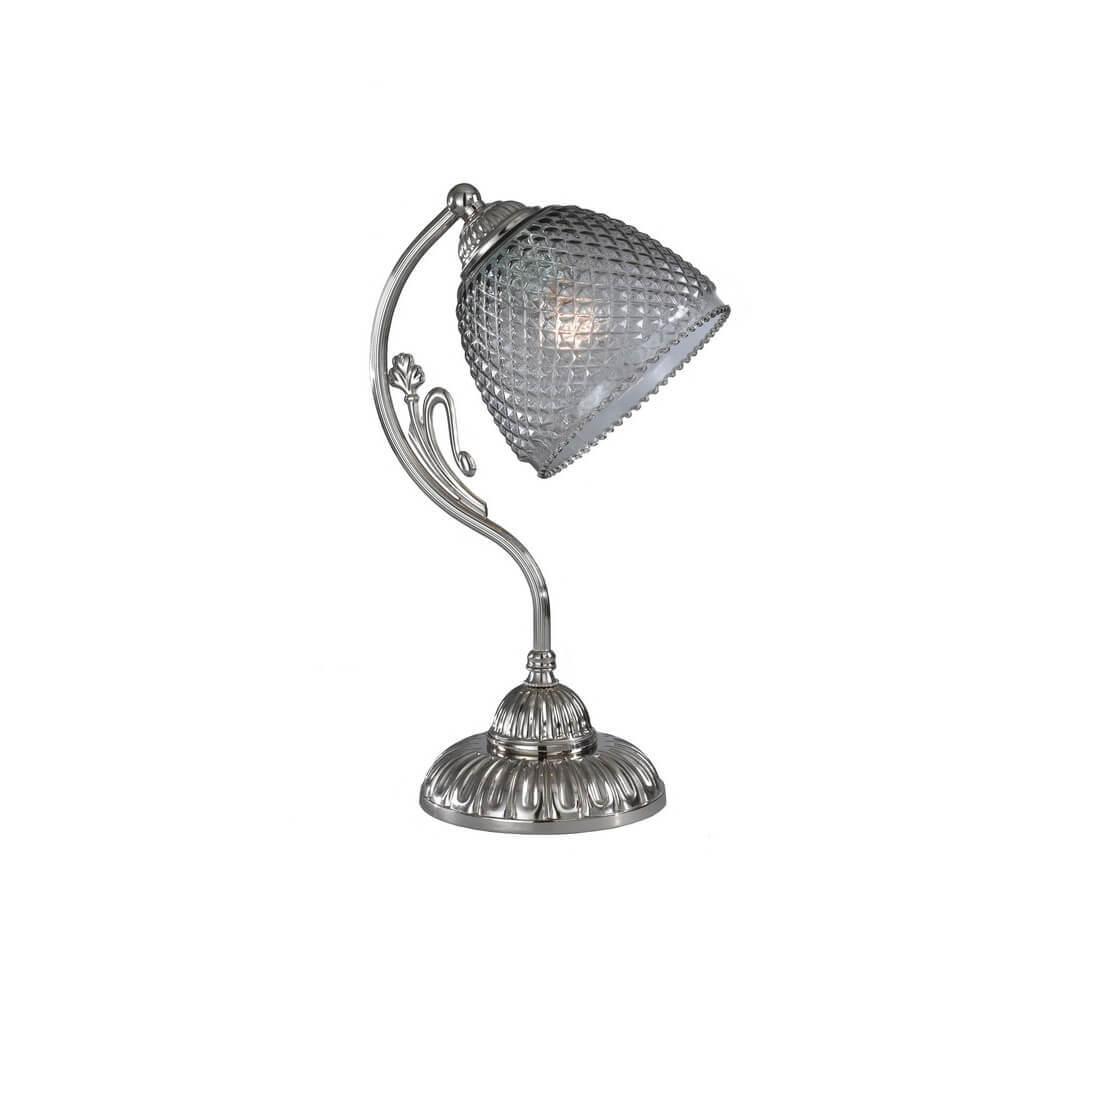 Настольная лампа Reccagni Angelo P 9801 9801 настольная лампа reccagni angelo p 3831